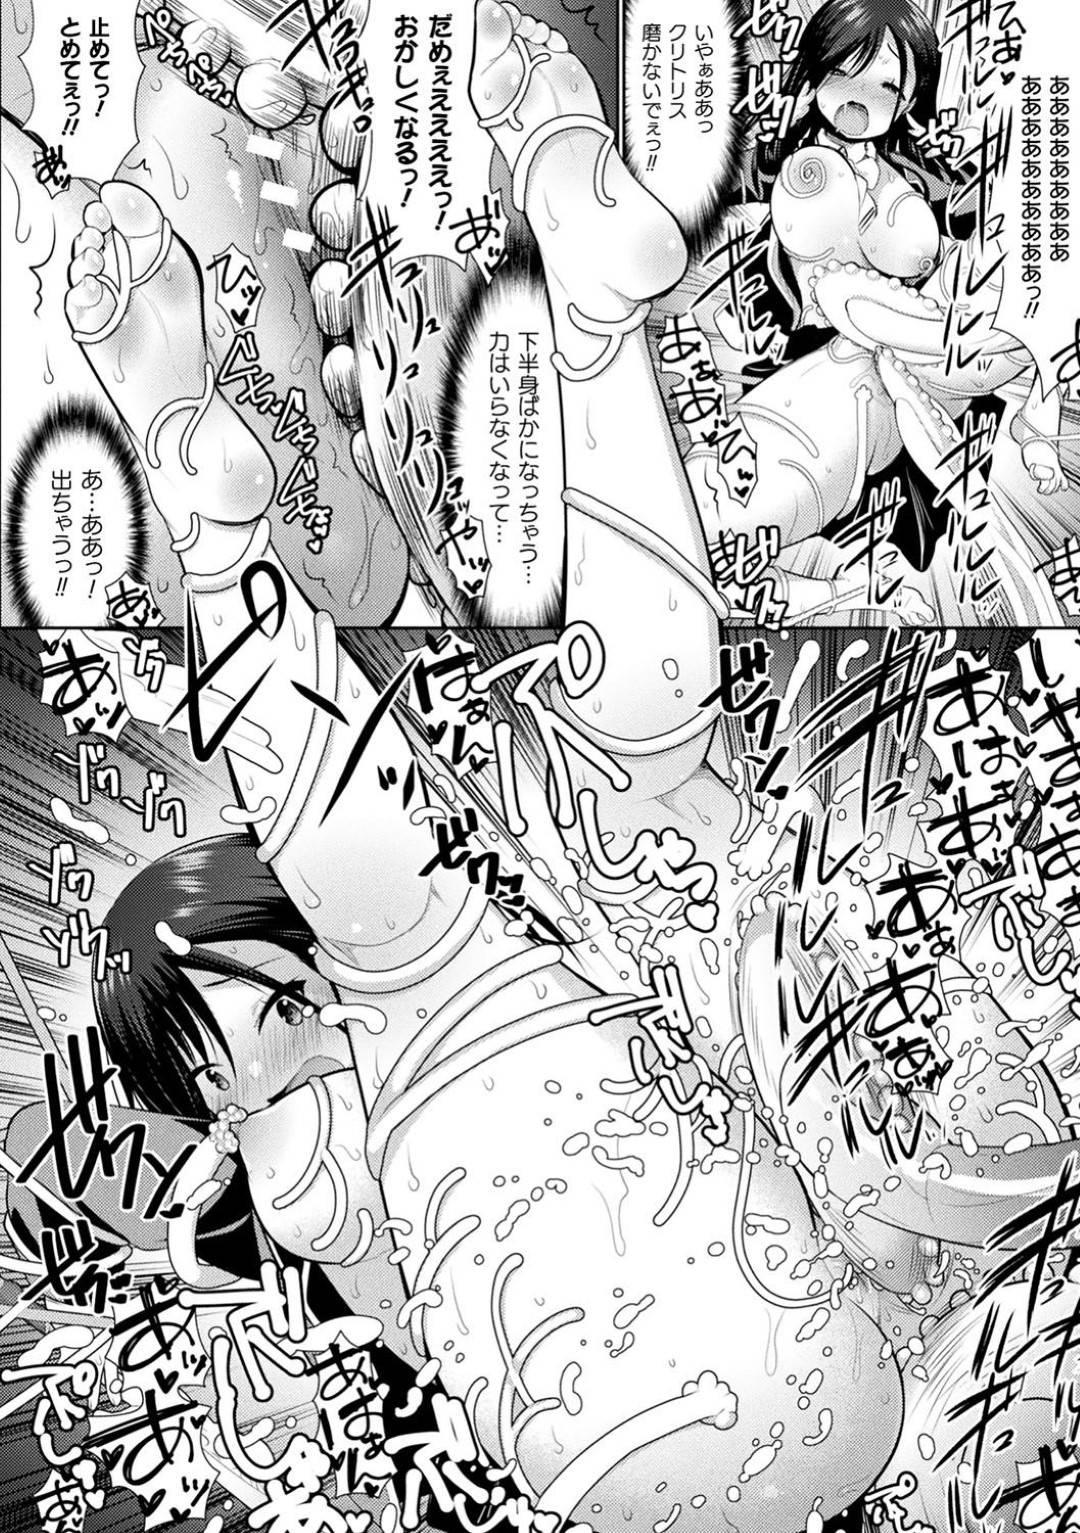 【触手エロ漫画】女子高生退魔師の京橋寺衣奈が夜の校庭で魔物と対峙する。先輩に守るために動くが、隙つかれて触手で全身を拘束されて服を脱がされてしまう!そして先輩の目の前で触手に精子をぶっかけられて陵辱されるのだった。【さき千鈴】